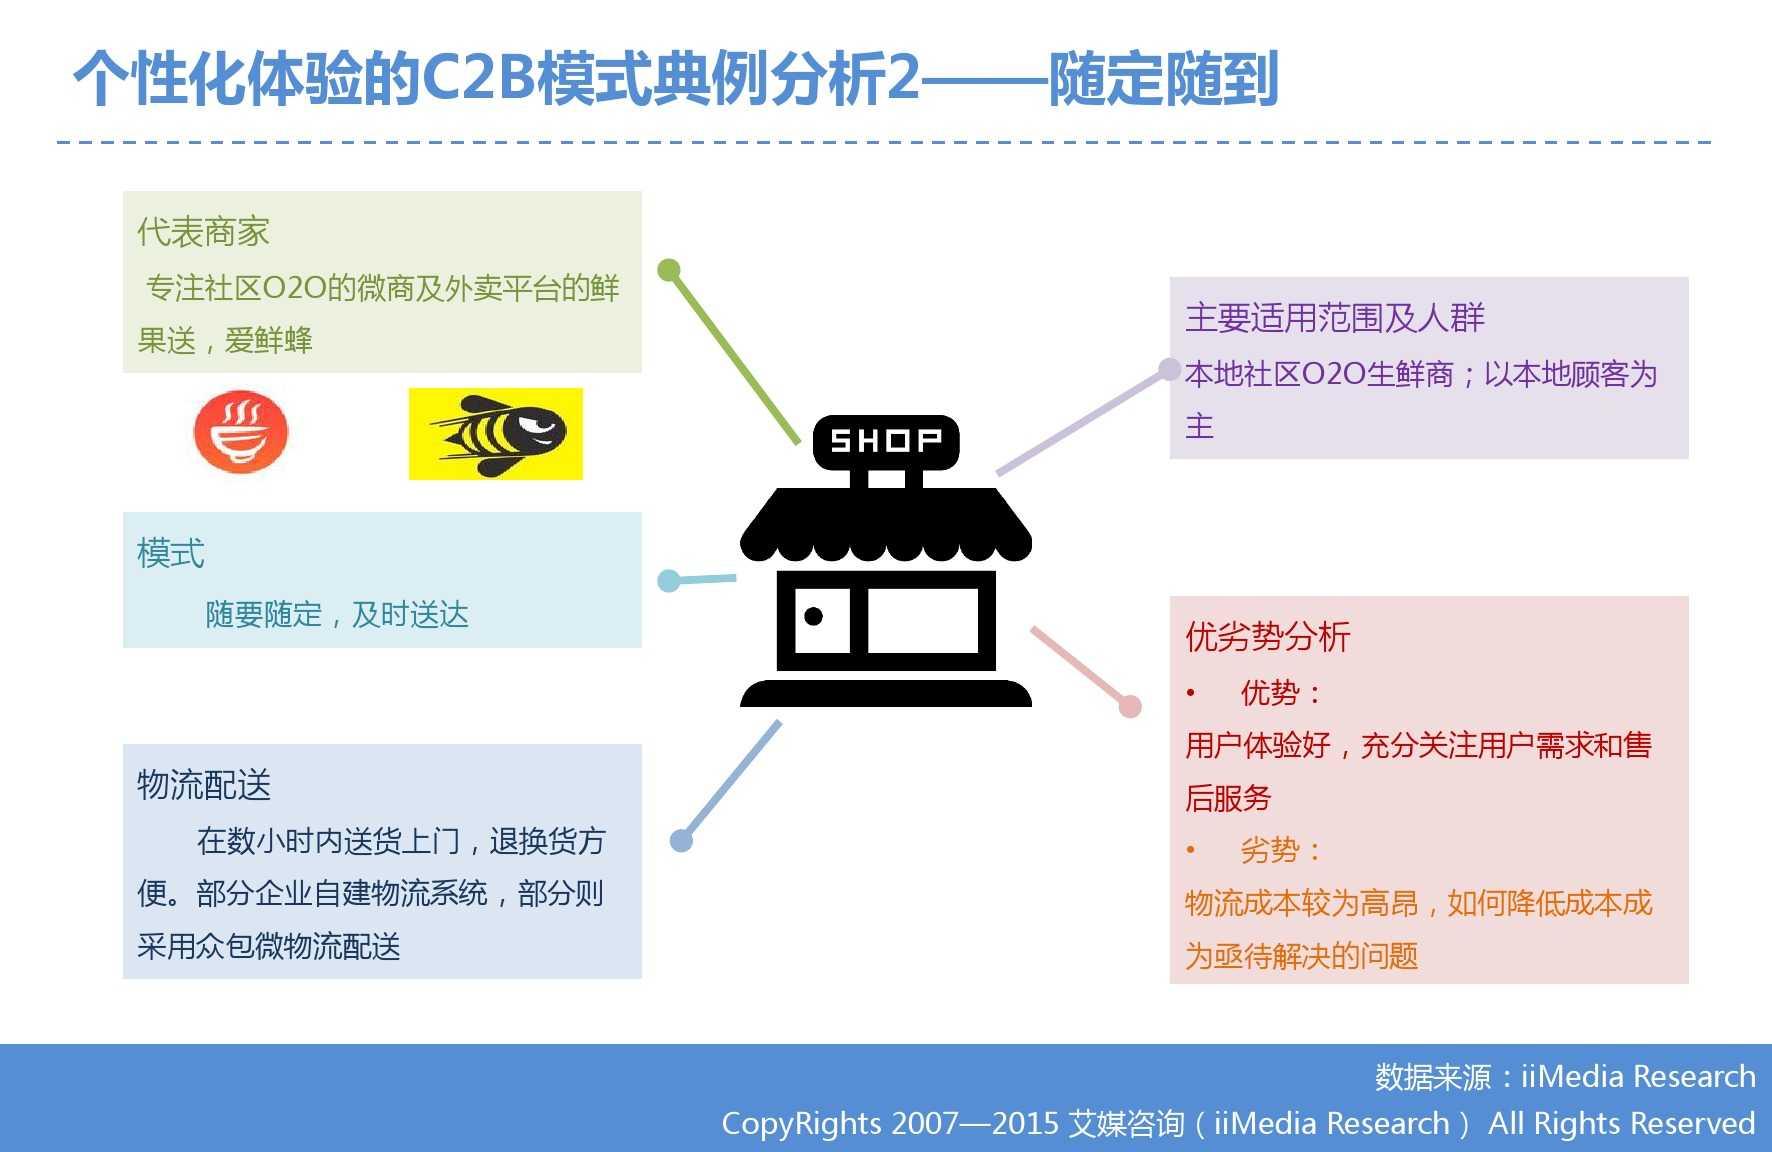 艾媒咨询:2015年中国生鲜电商市场研究报告_000035